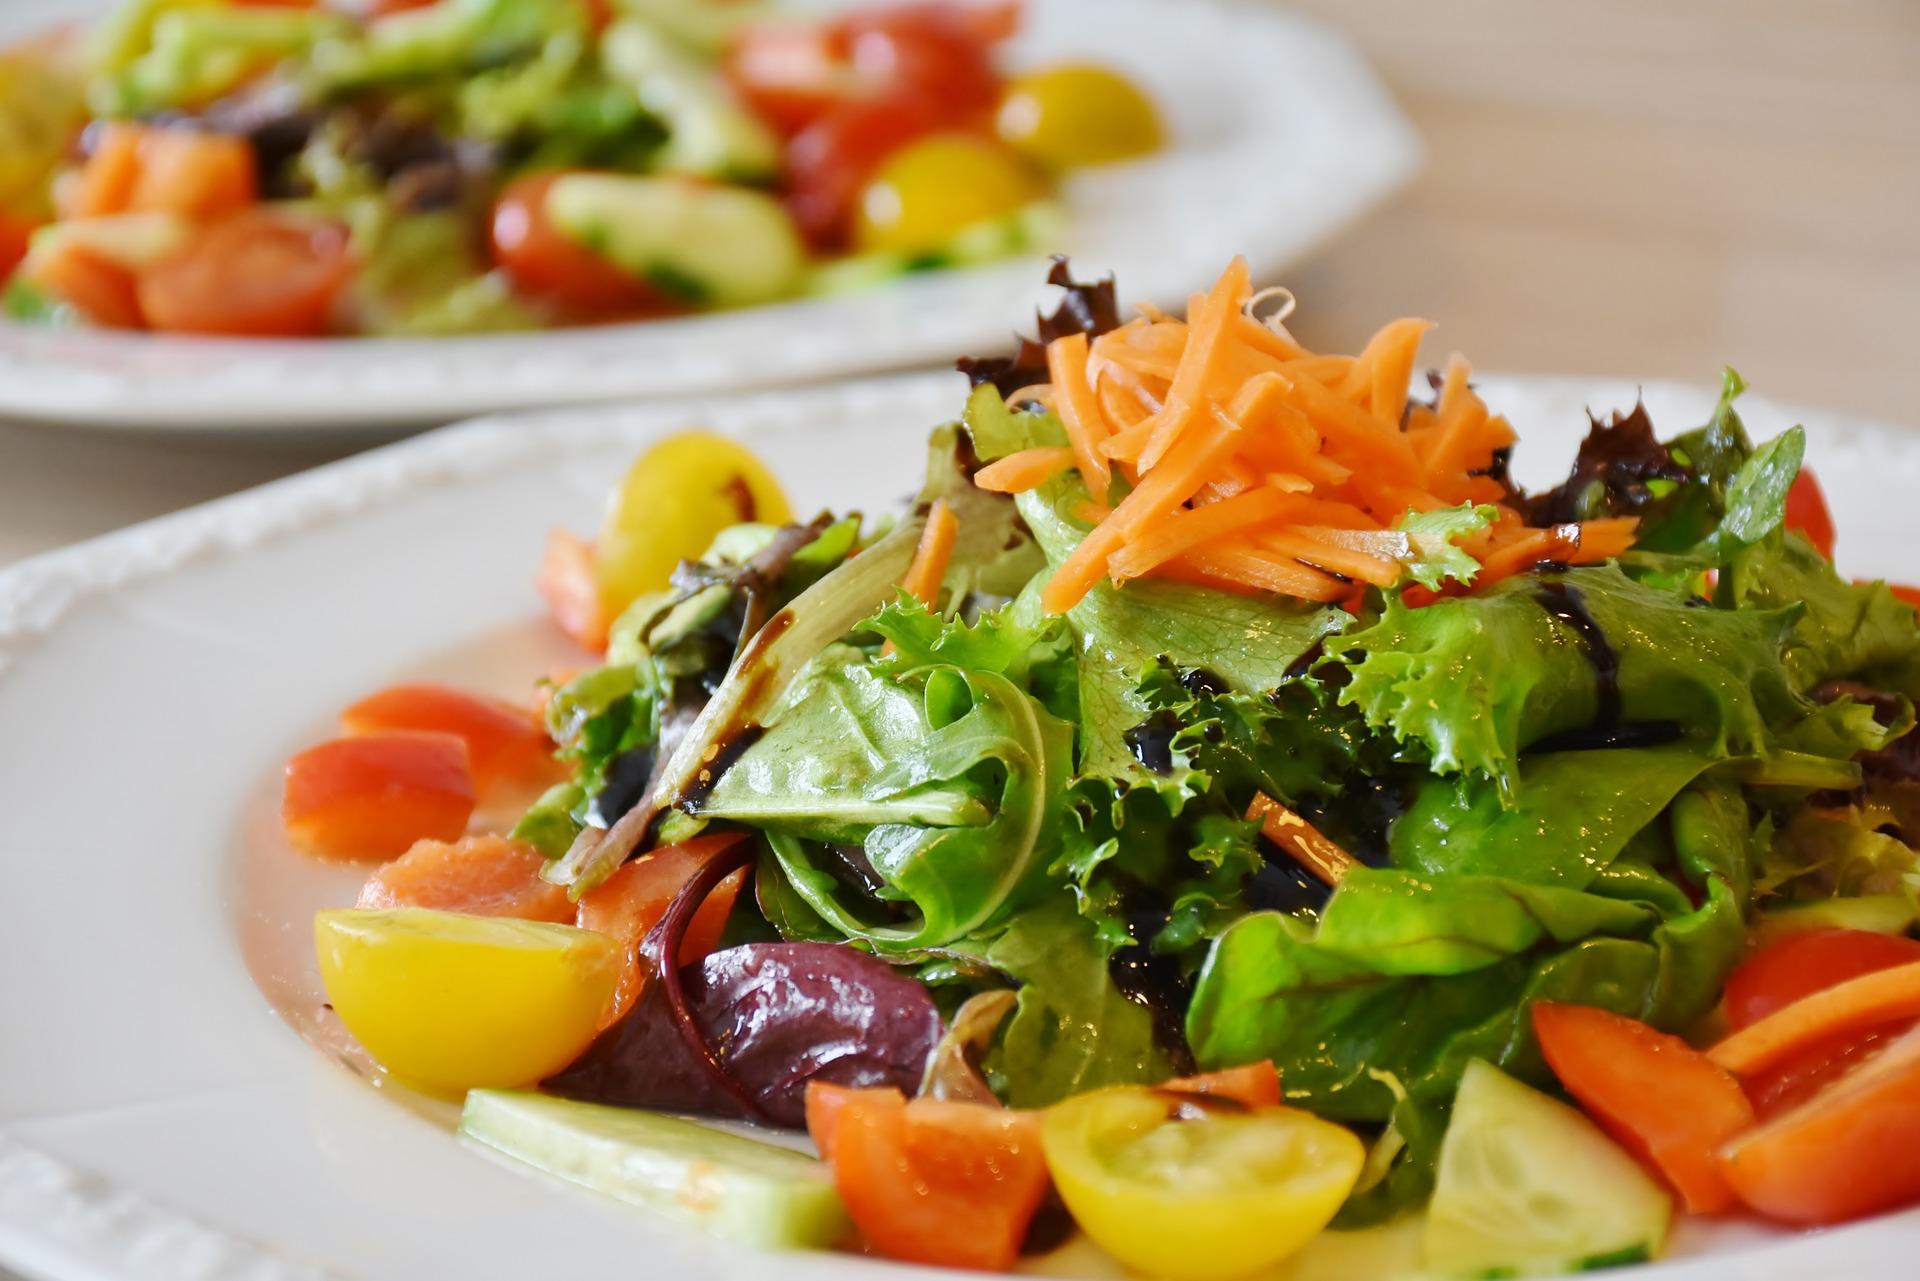 salad-1603608_1920.jpg